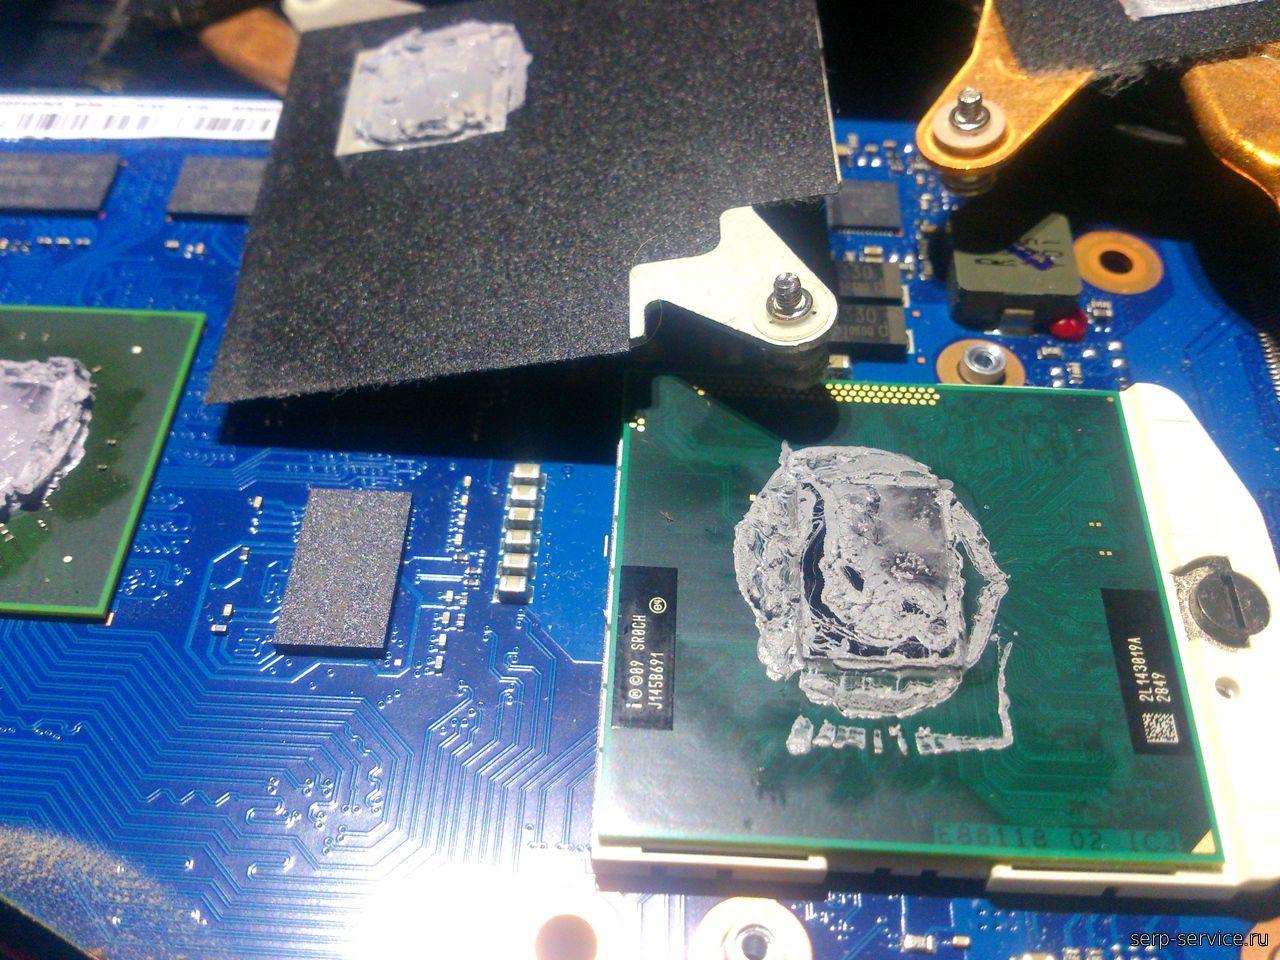 Ремонт жесткого диска ноутбука после падения своими руками 95